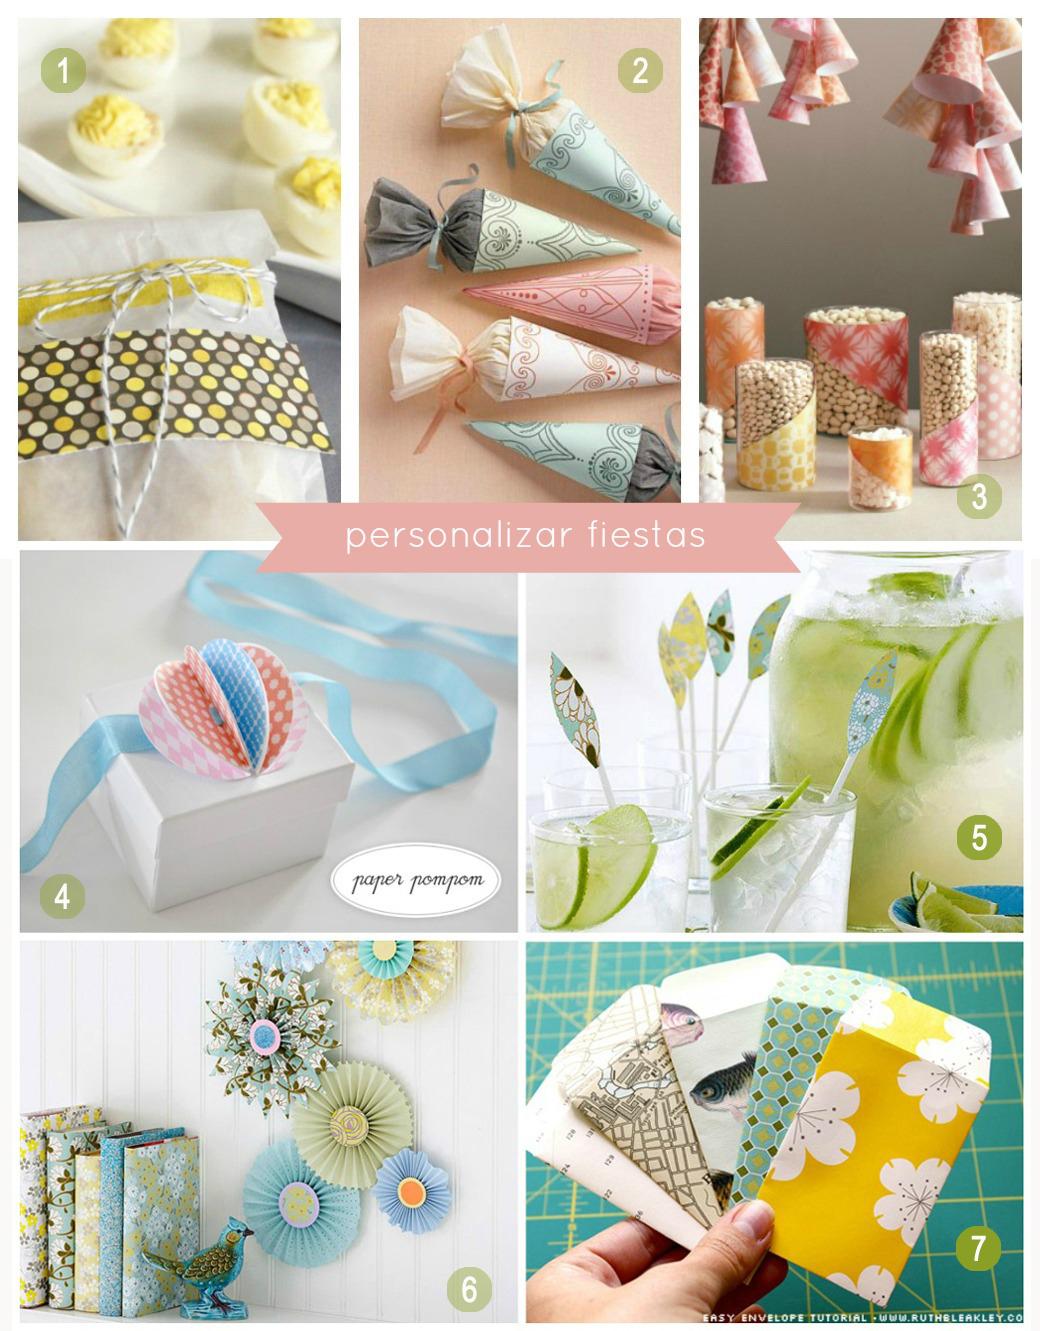 05 decorar fiestas el taller de las cosas bonitas - Cosas originales para decorar ...